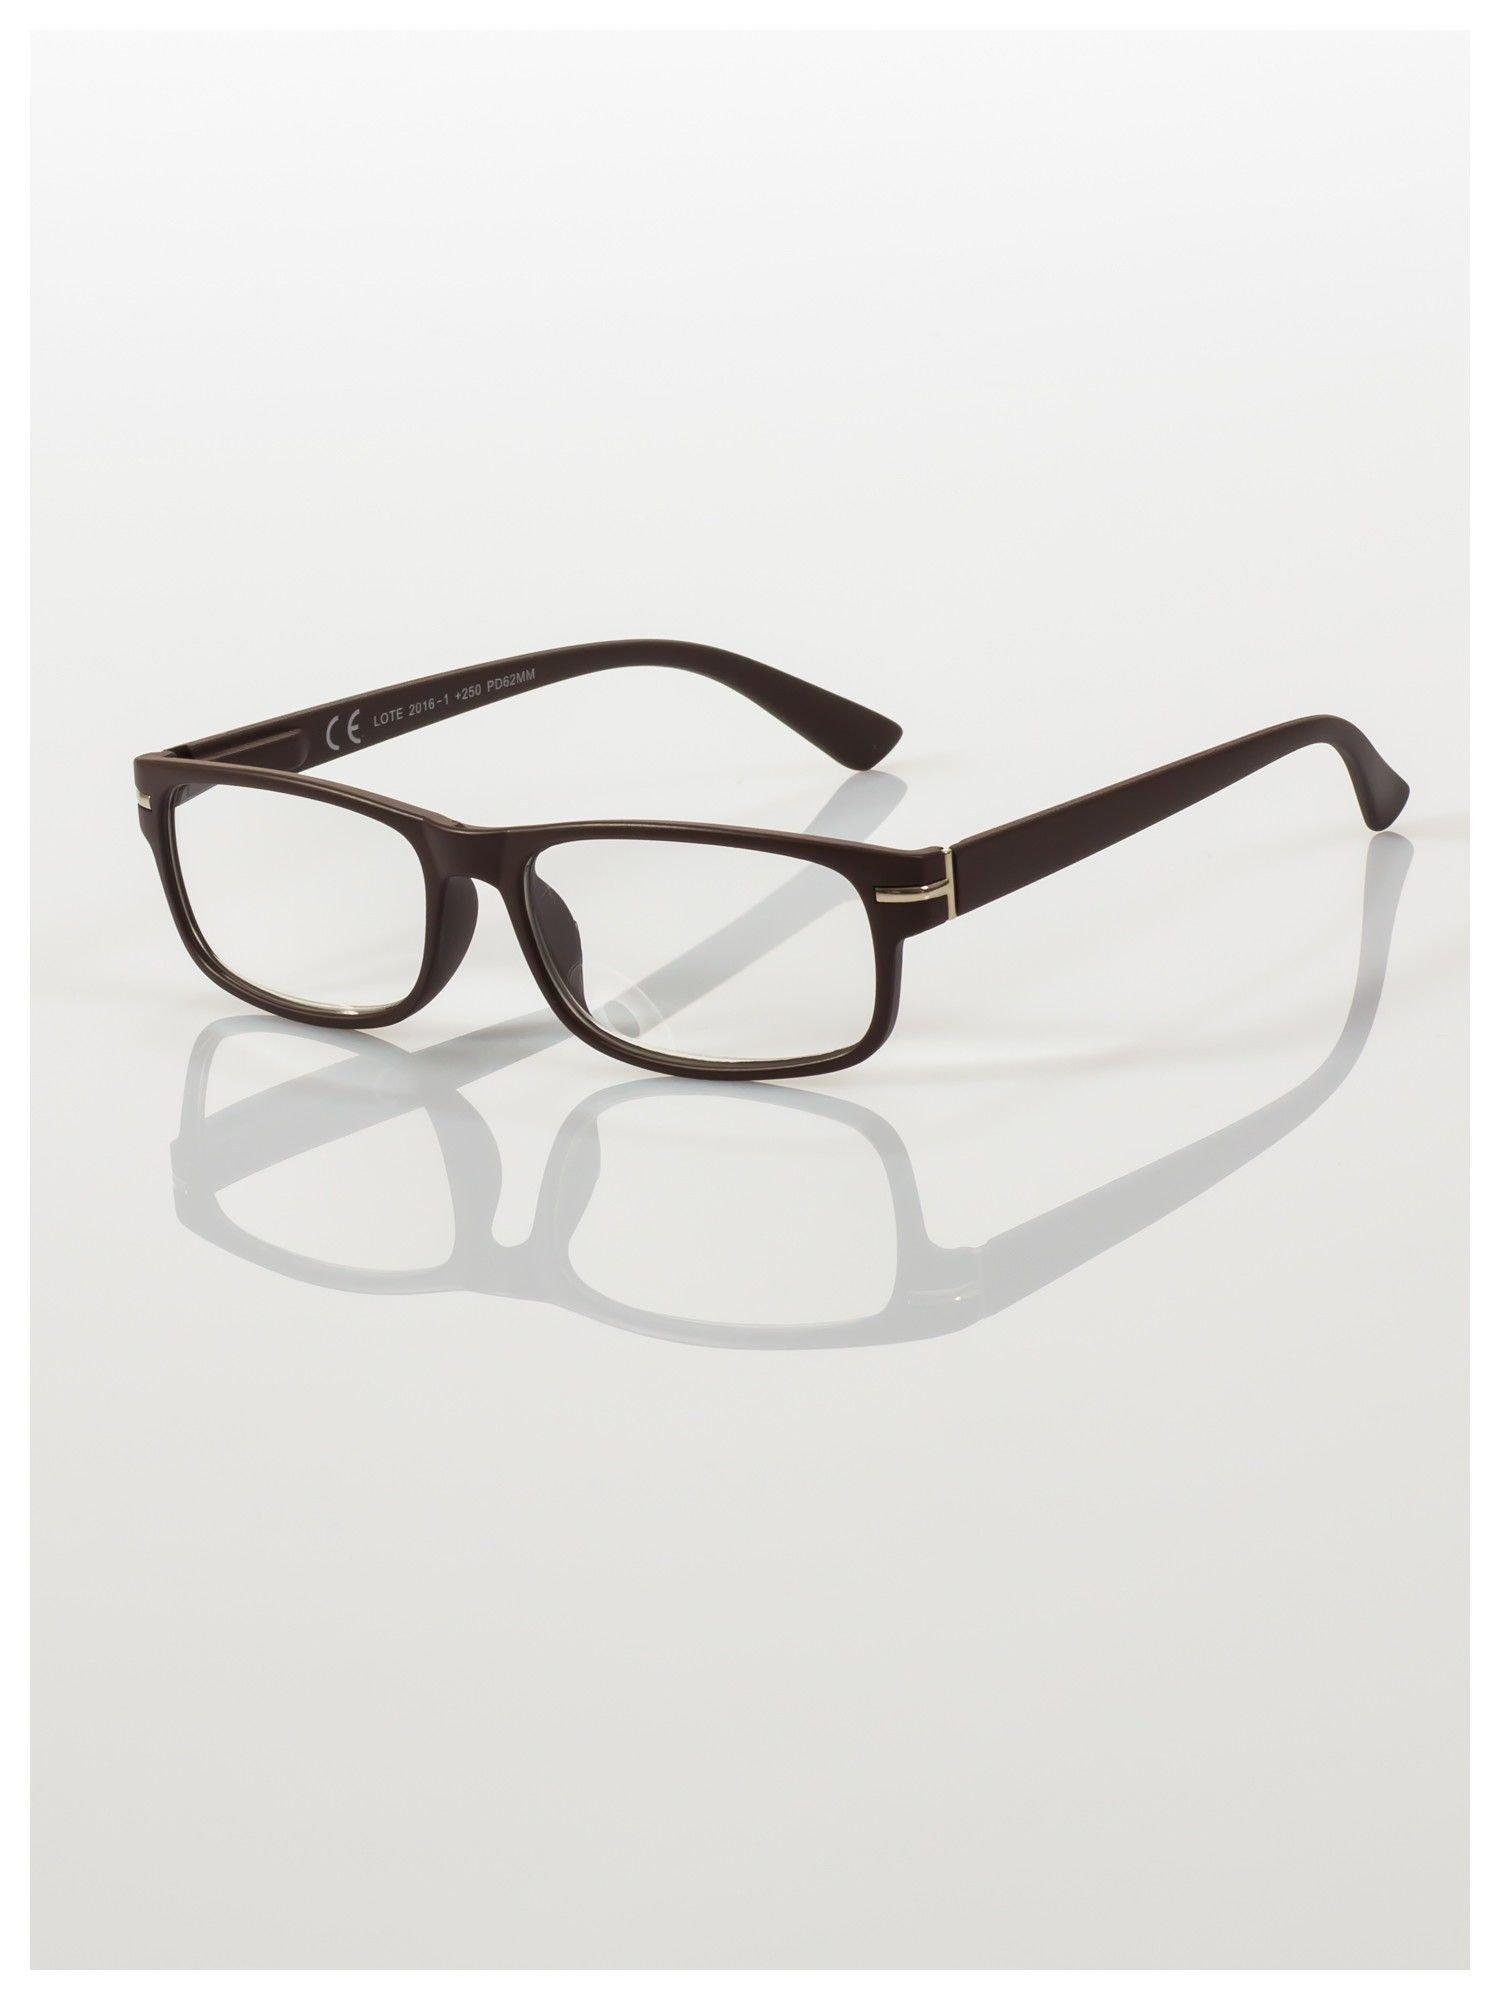 Eleganckie brązowe matowe korekcyjne okulary do czytania +3.0 D  z sytemem FLEX na zausznikach                                  zdj.                                  1